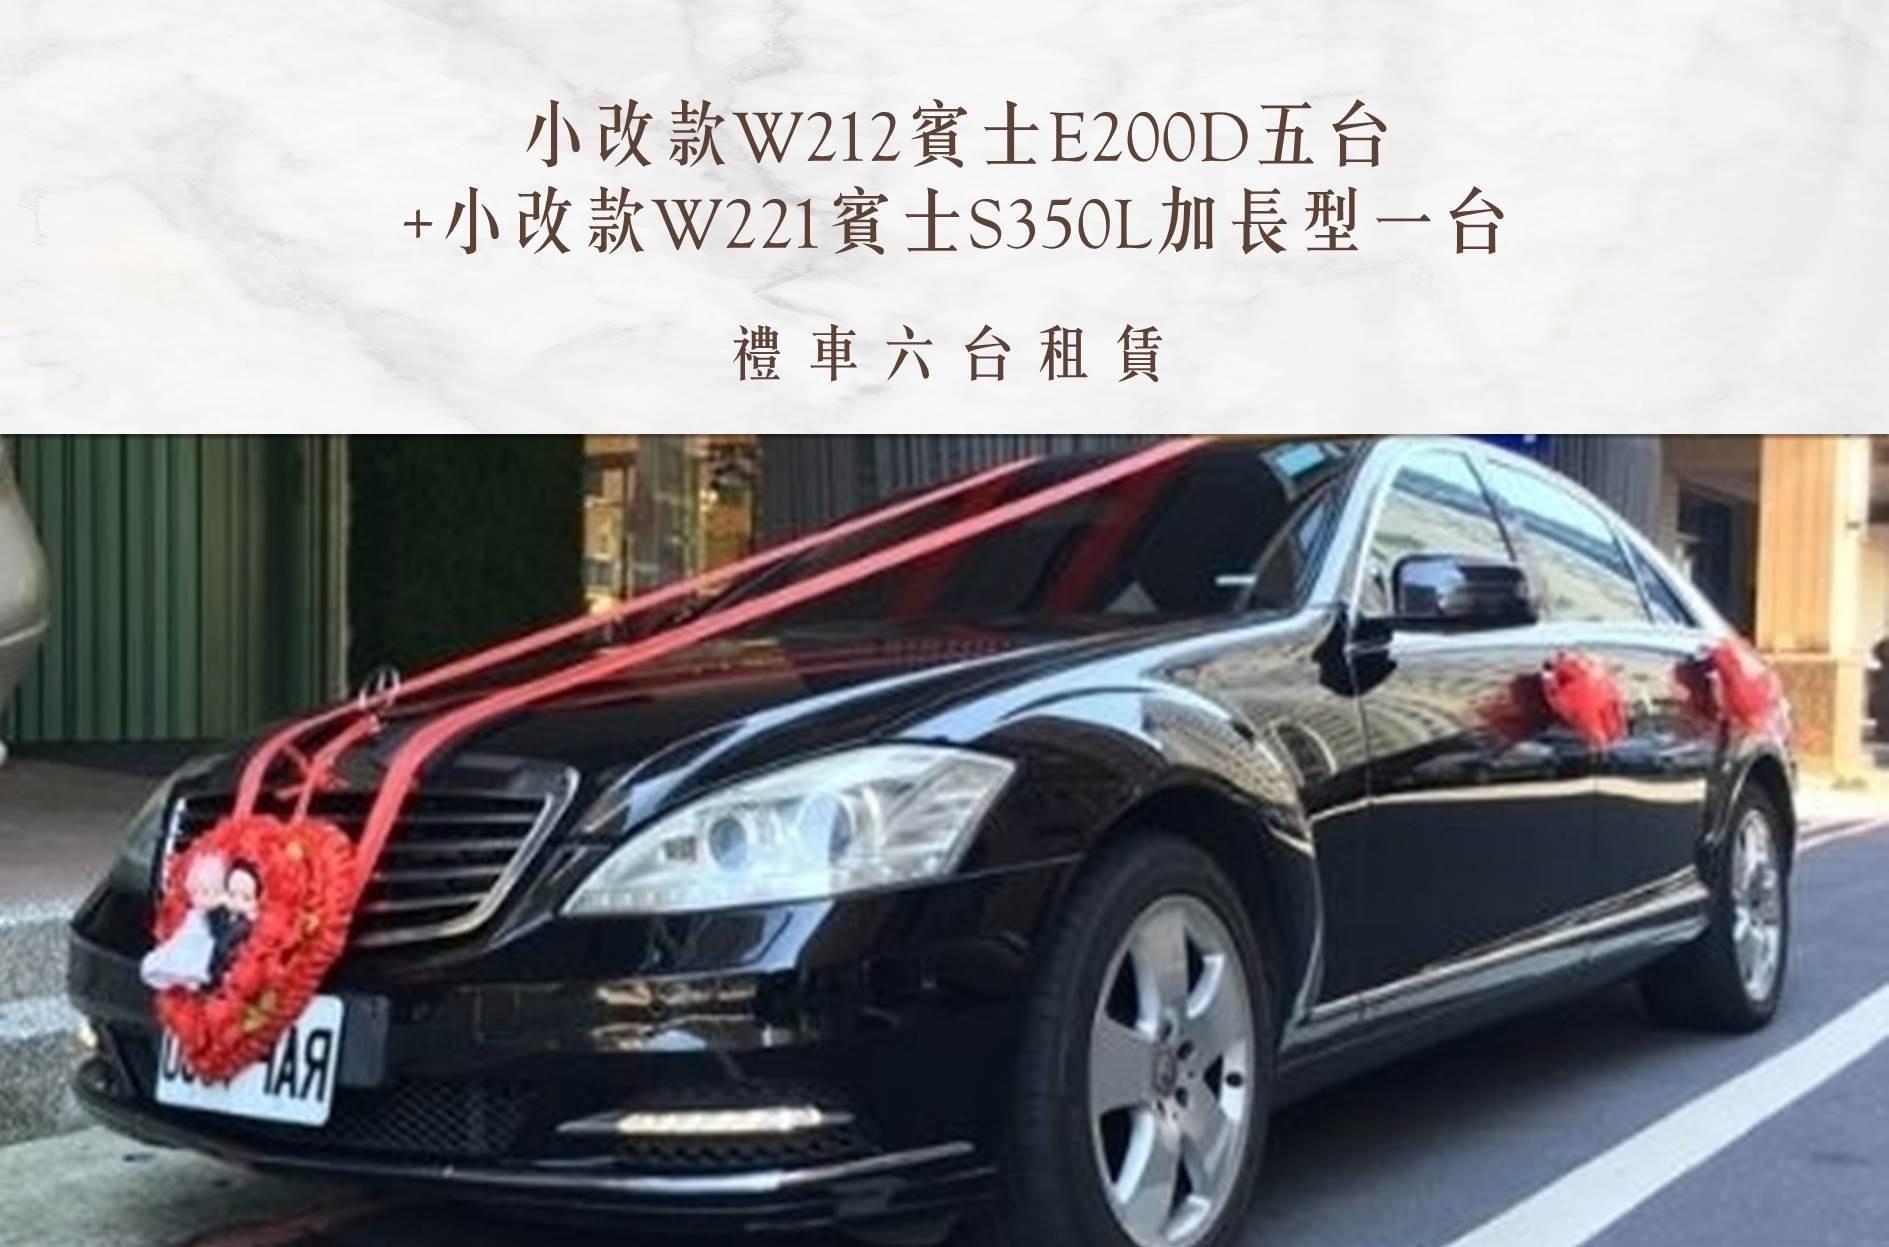 小改款W212賓士E200D五台+小改款W221賓士S350L加長型一台